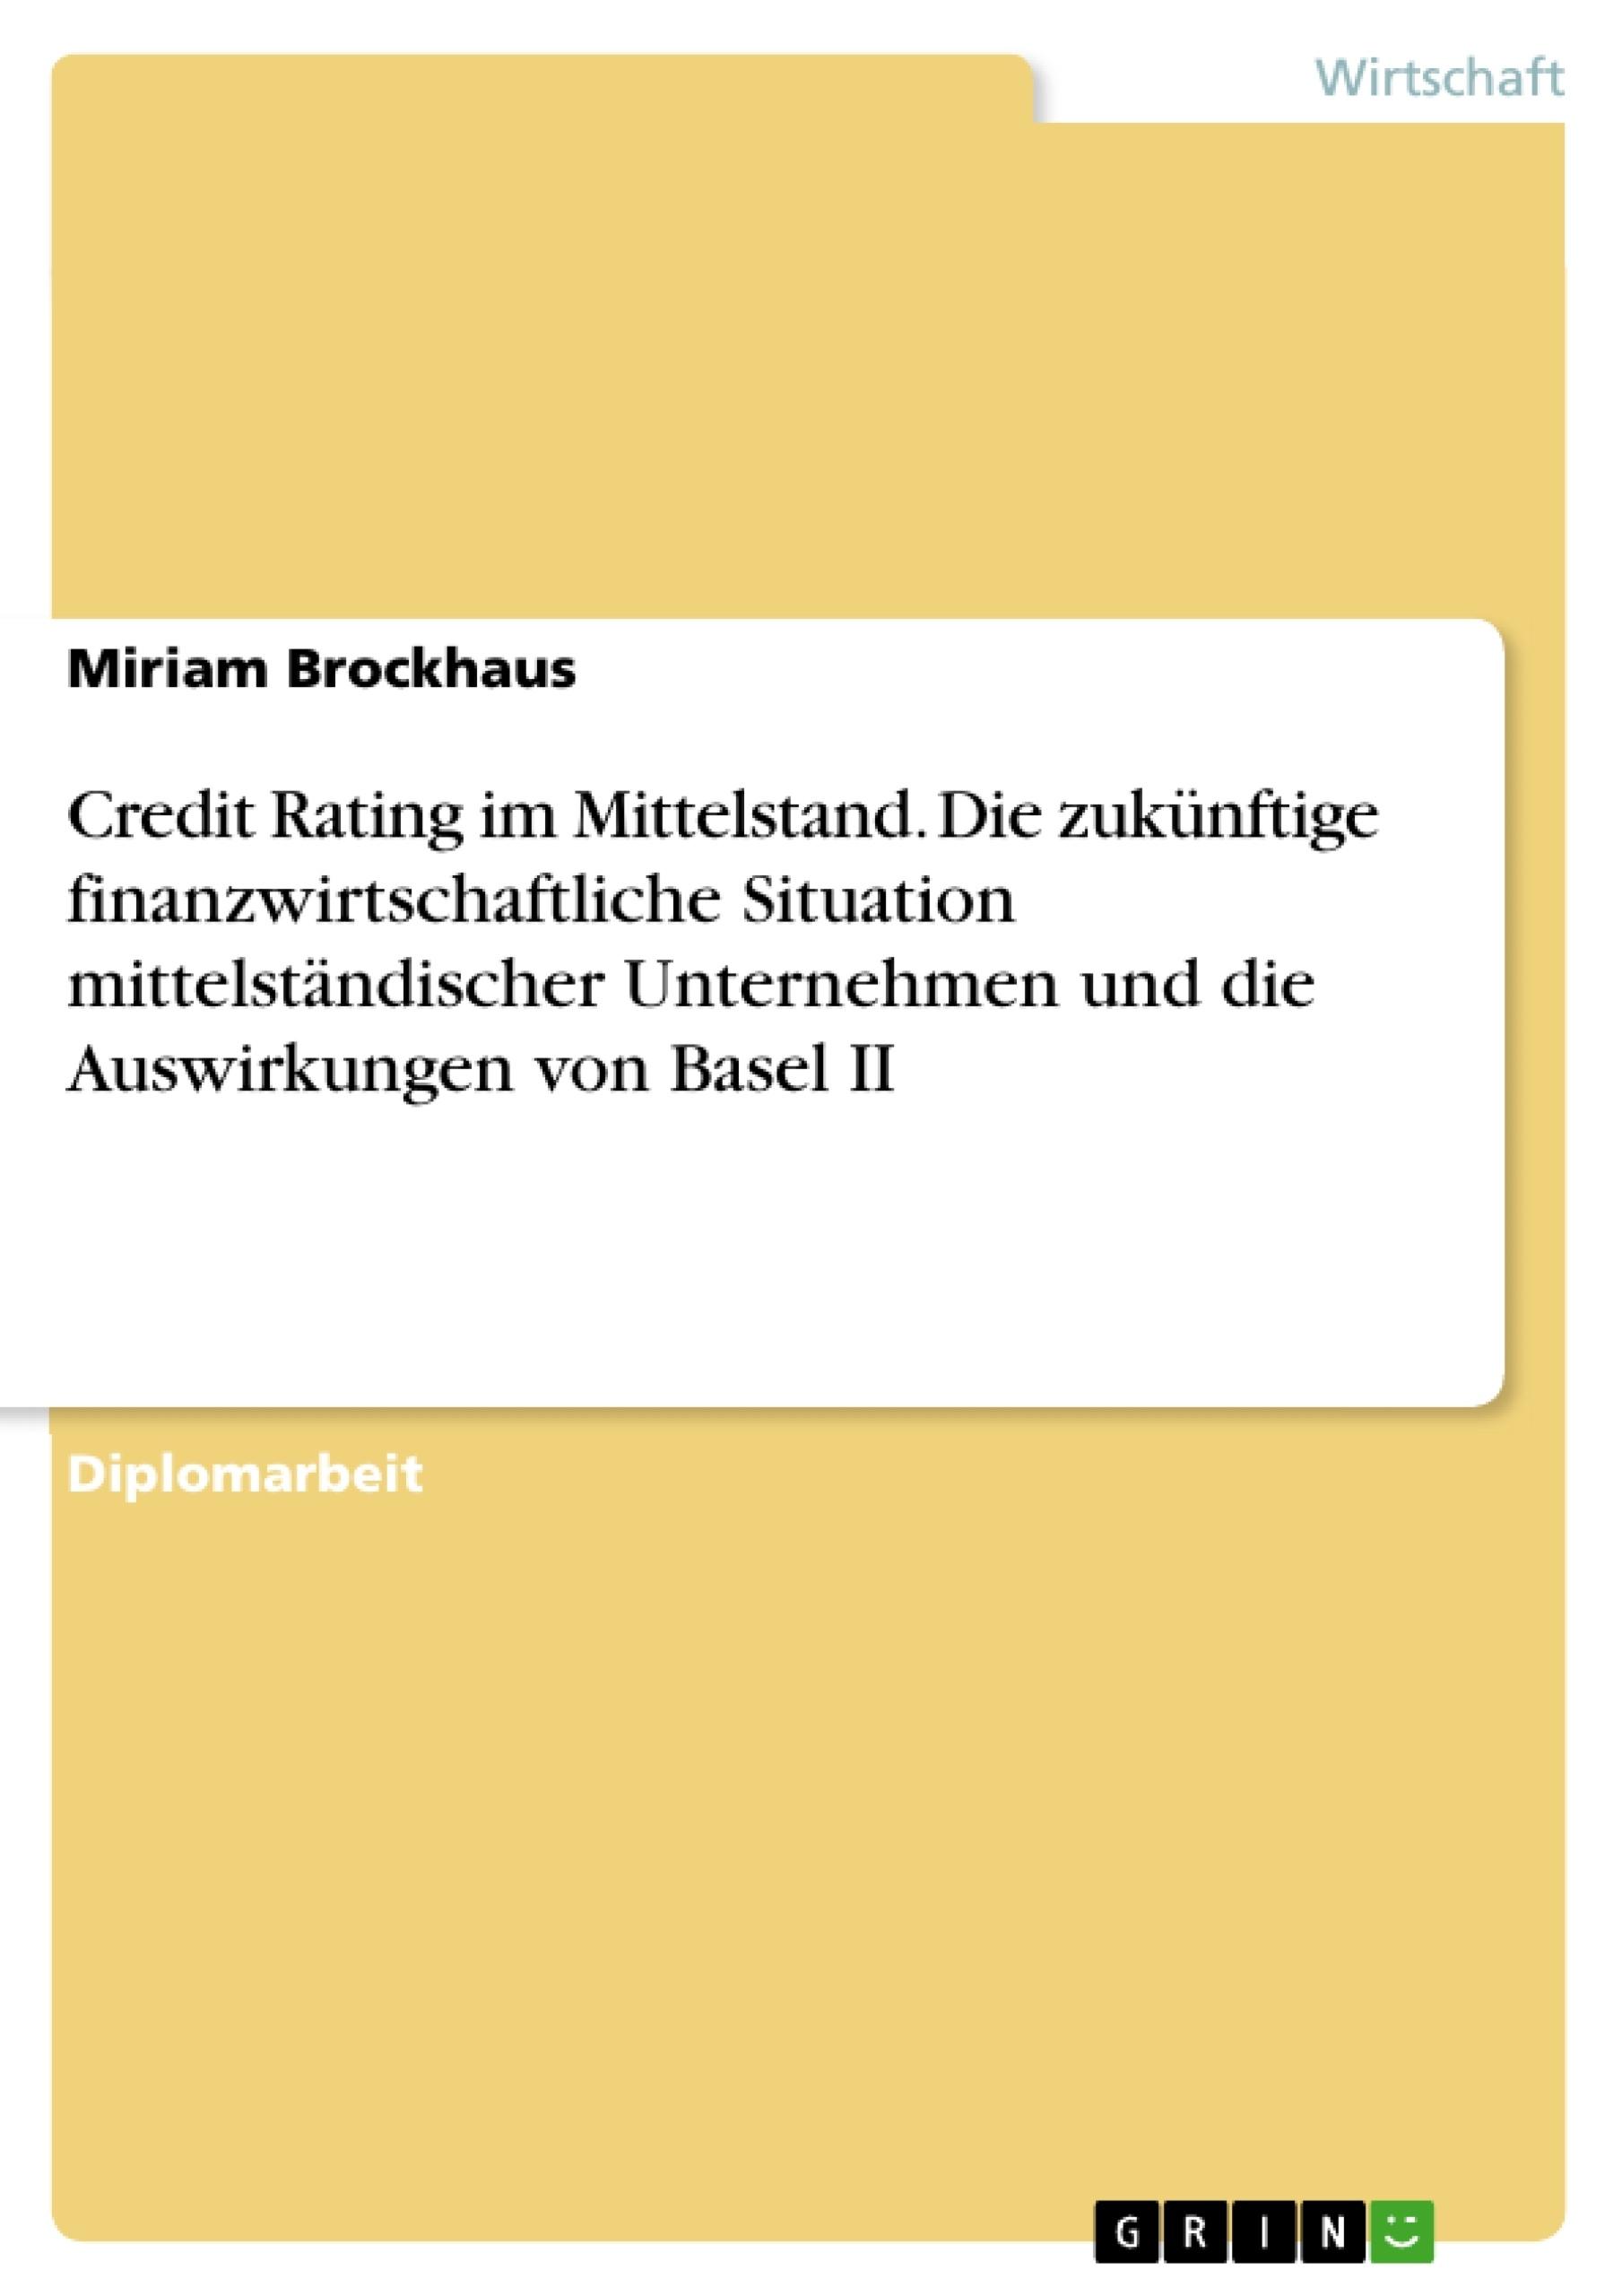 Titel: Credit Rating im Mittelstand. Die zukünftige finanzwirtschaftliche Situation mittelständischer Unternehmen und die Auswirkungen von Basel II